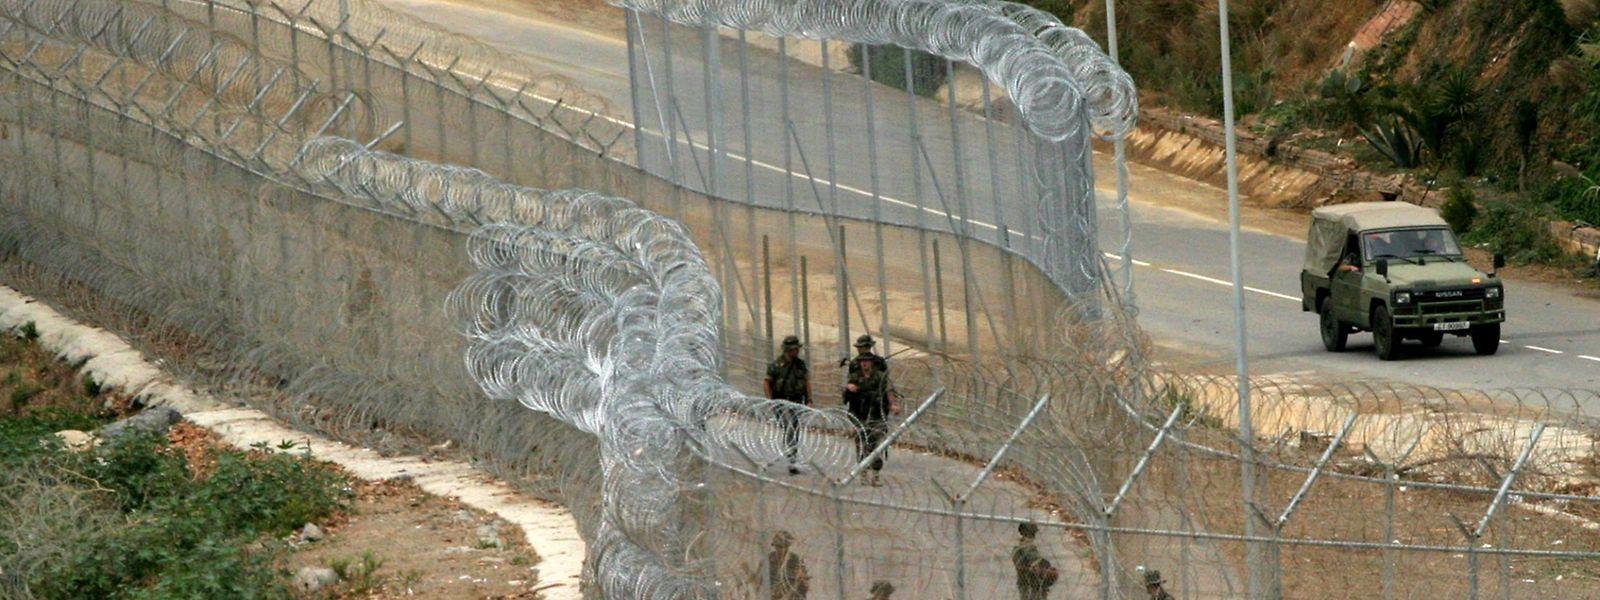 Der Grenzzaun zwischen der spanischen Enklave Ceuta und Marokko.